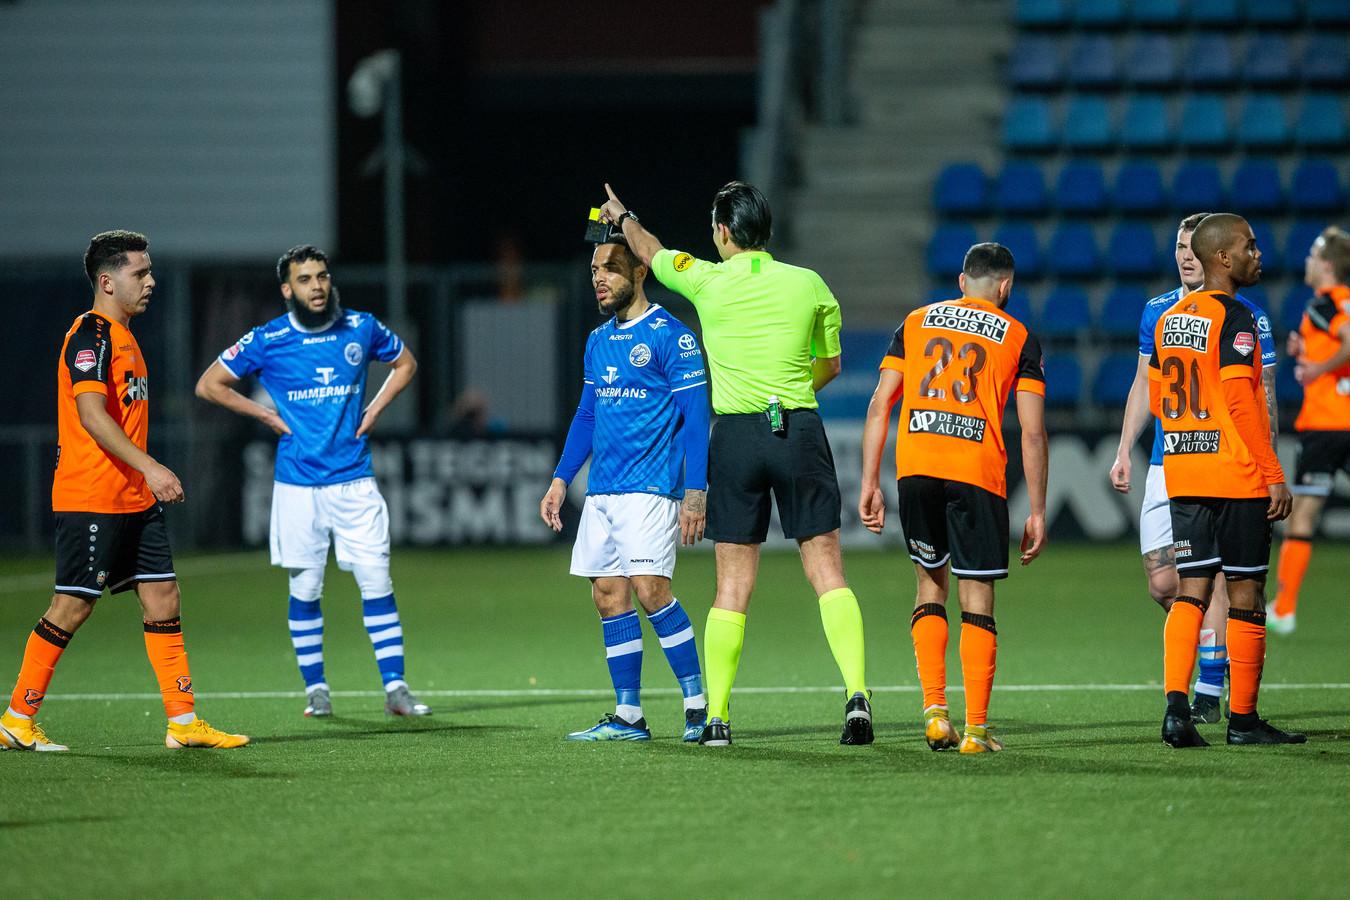 Scheidsrechter Cantineau stuurt Dwayne Green (derde van links) uit het veld in de wedstrijd tegen FC Volendam.